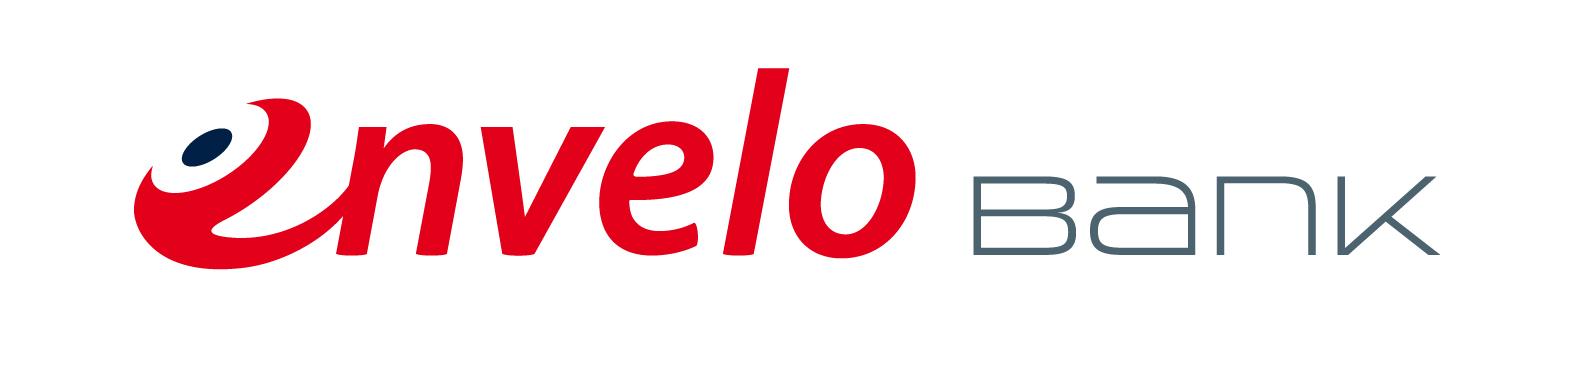 Logotyp EnveloBank